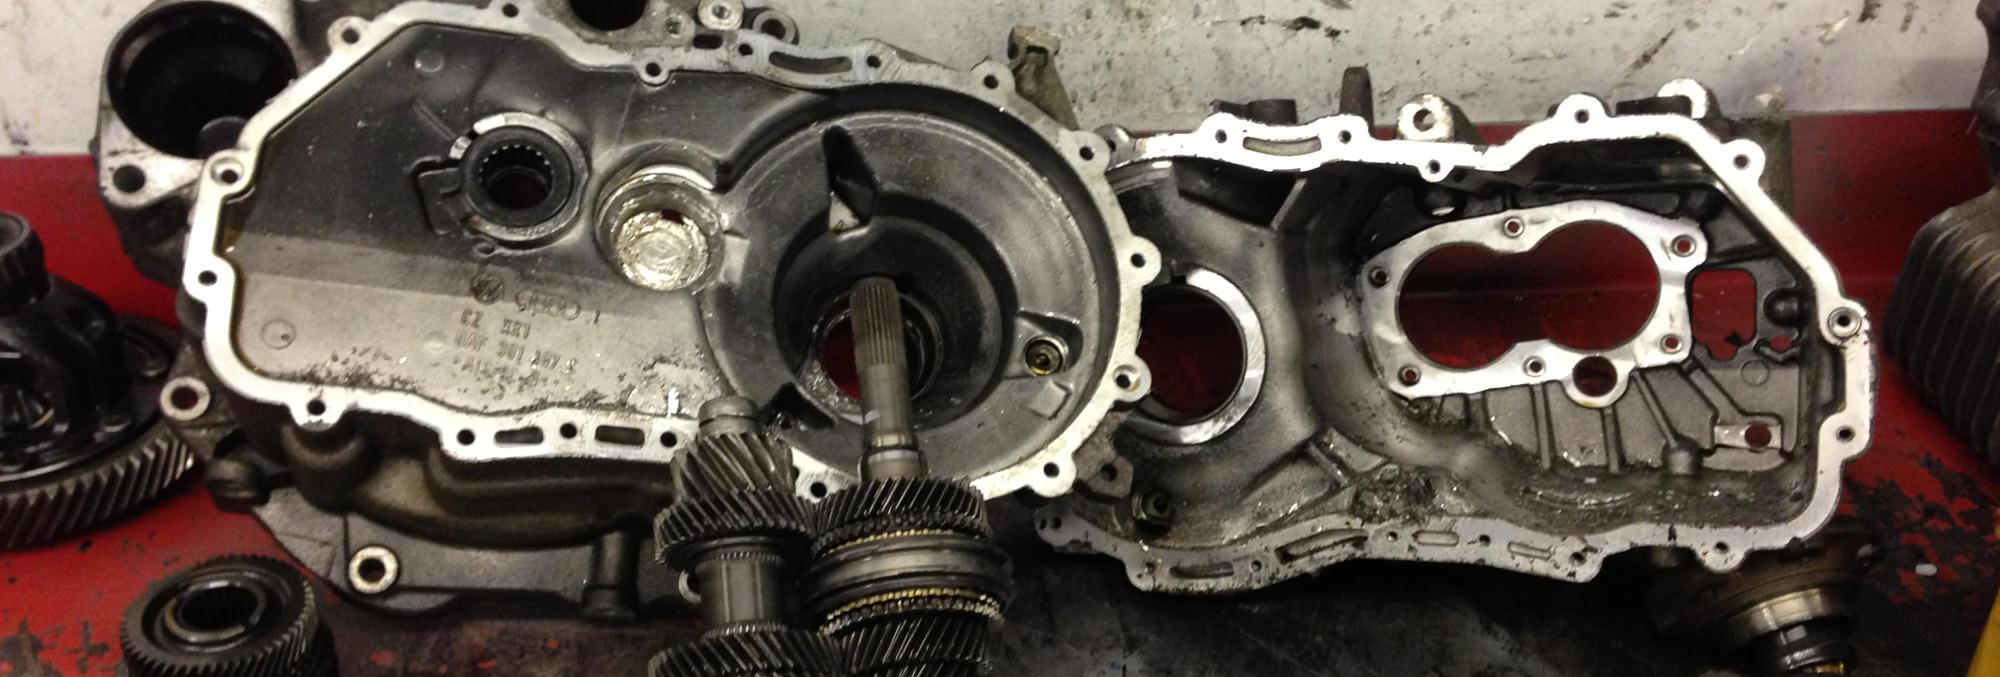 Landrover Gearbox Repair Nottingham